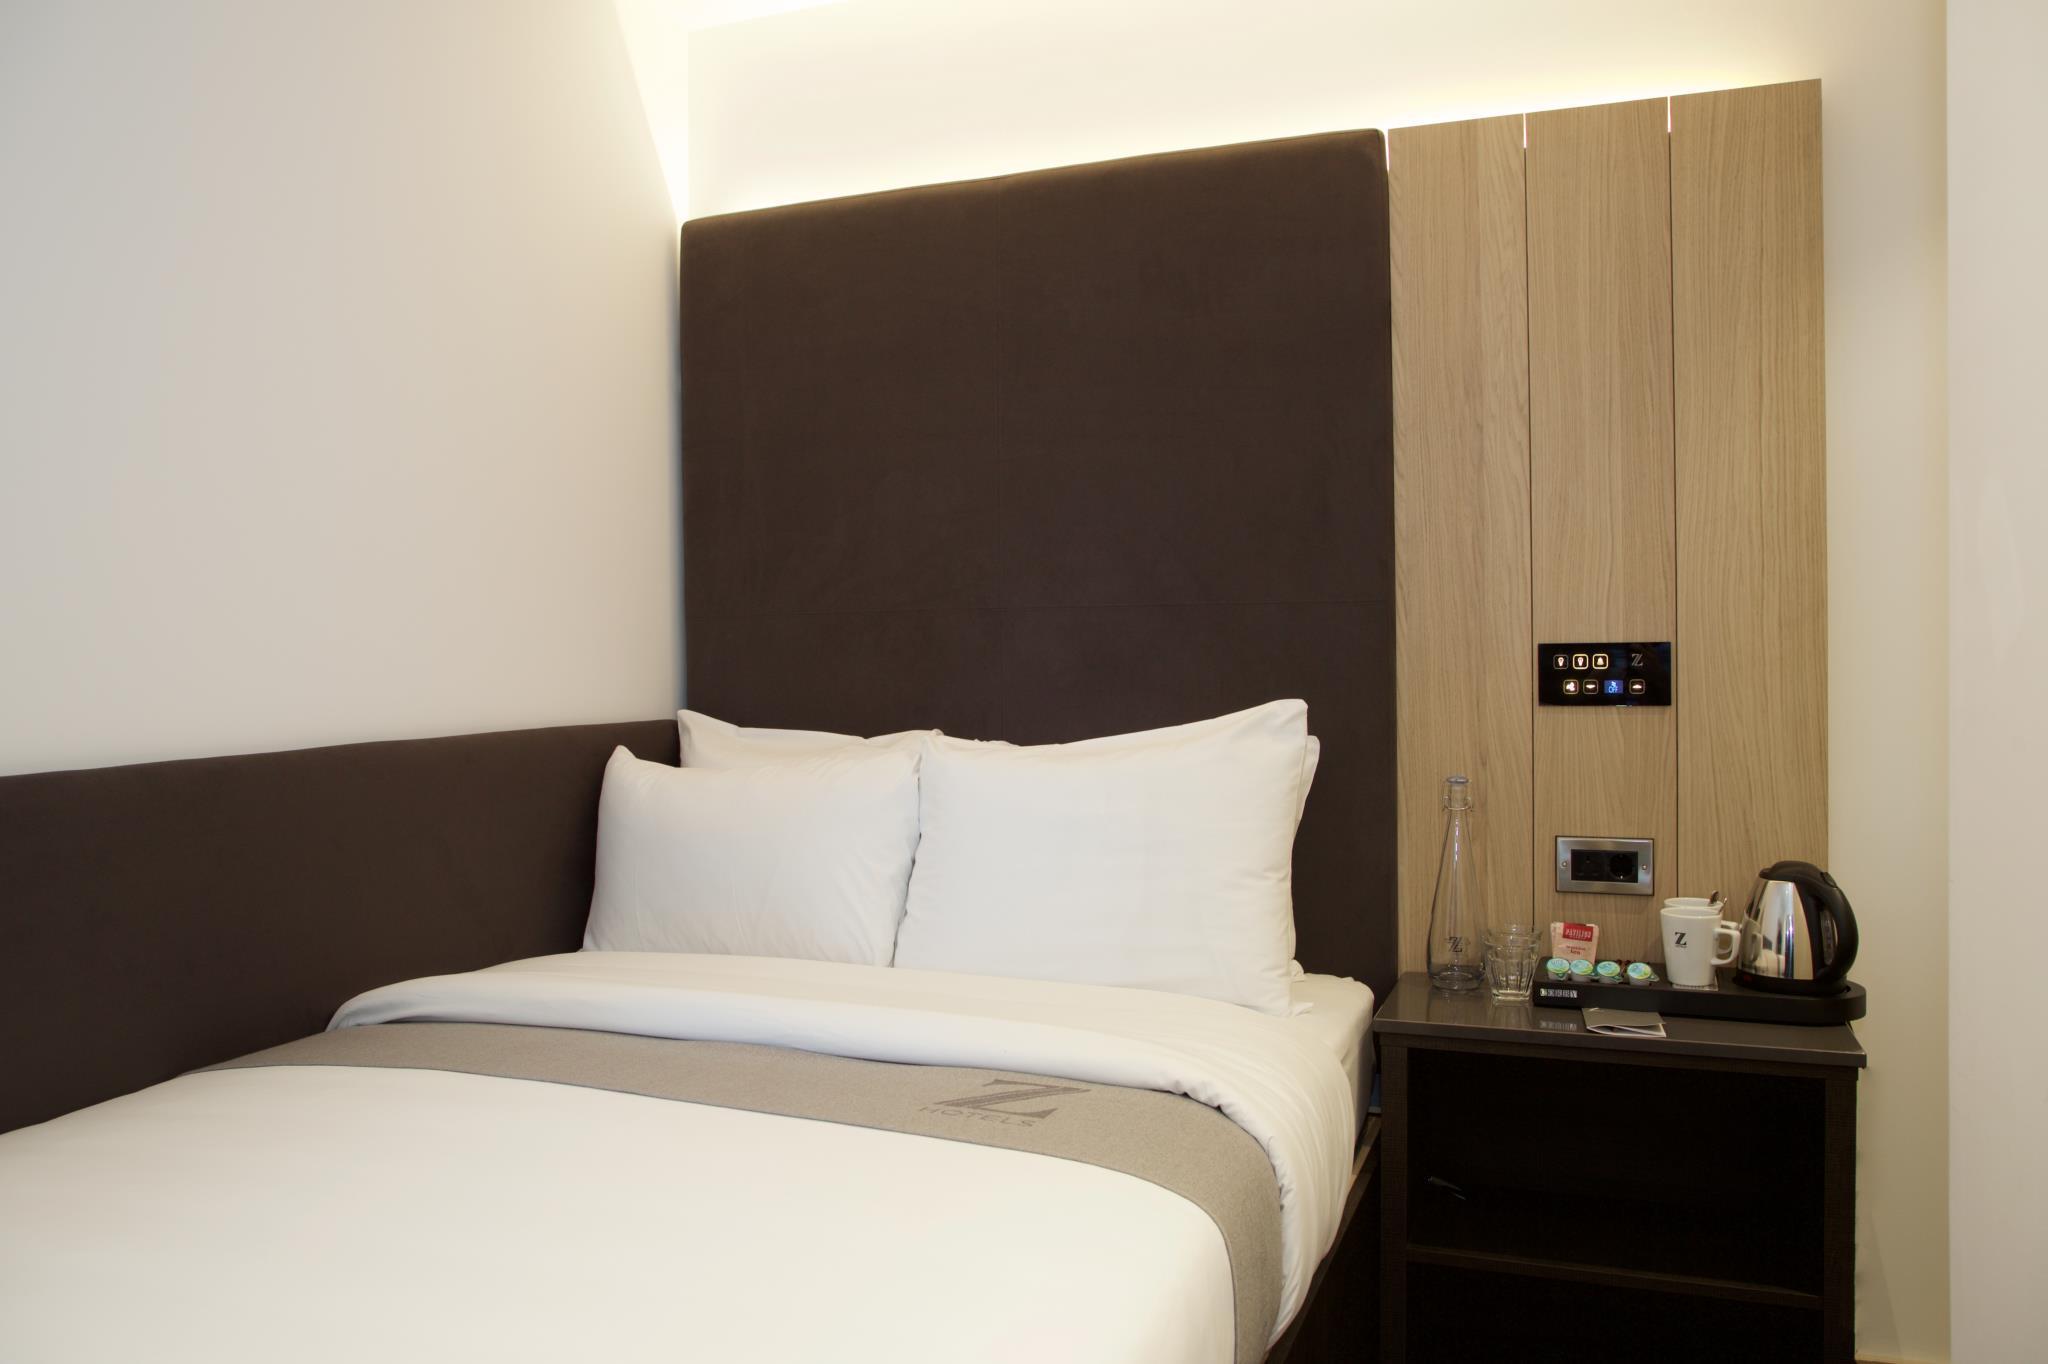 The z hotel shoreditch londres Рoffres sp̩ciales pour cet h̫tel